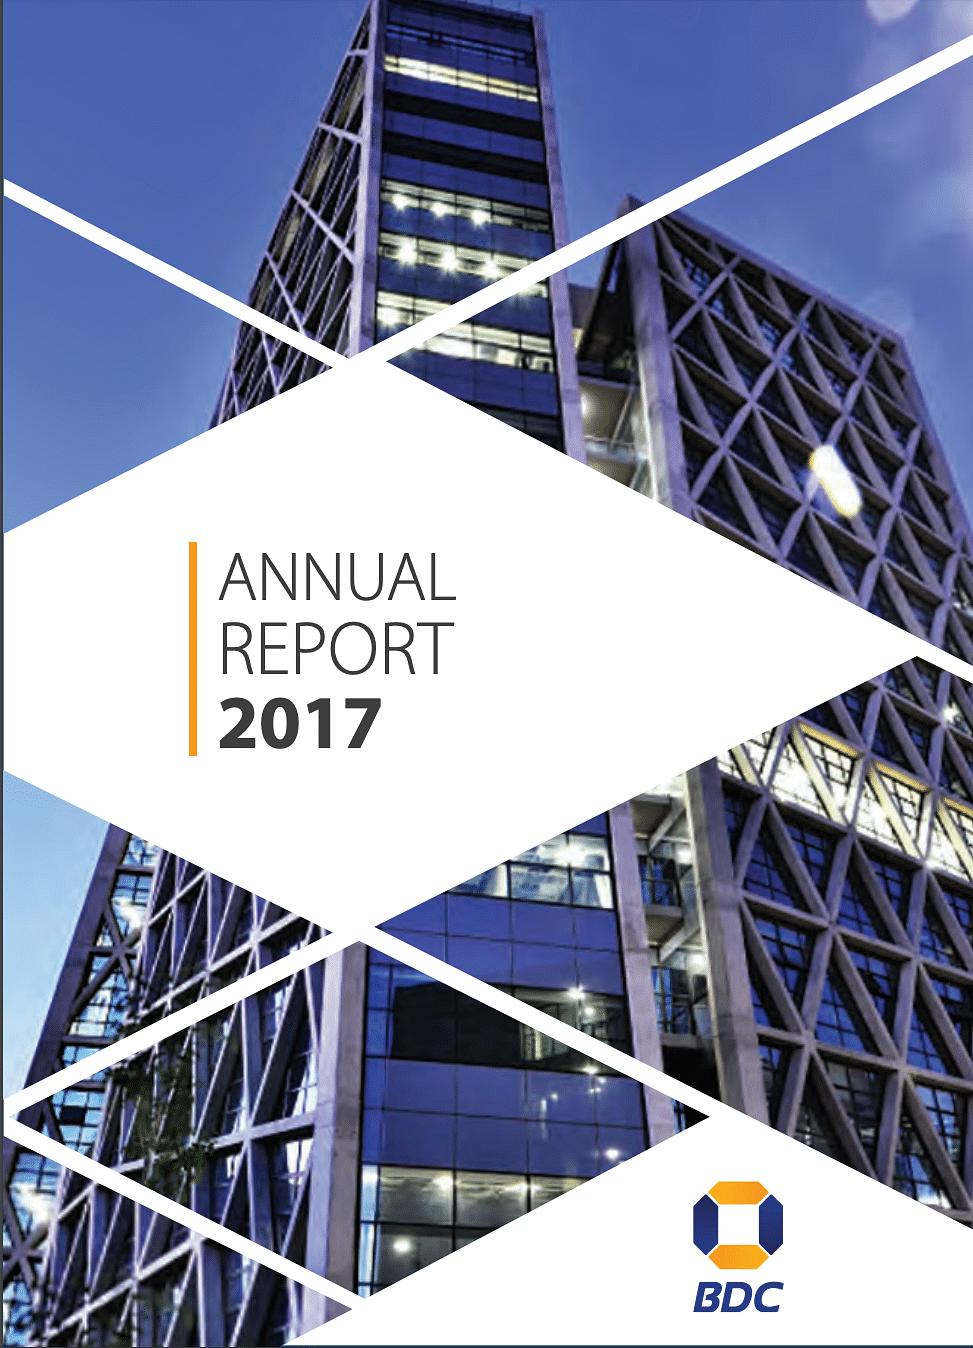 BDC Annual Report 2017 cover